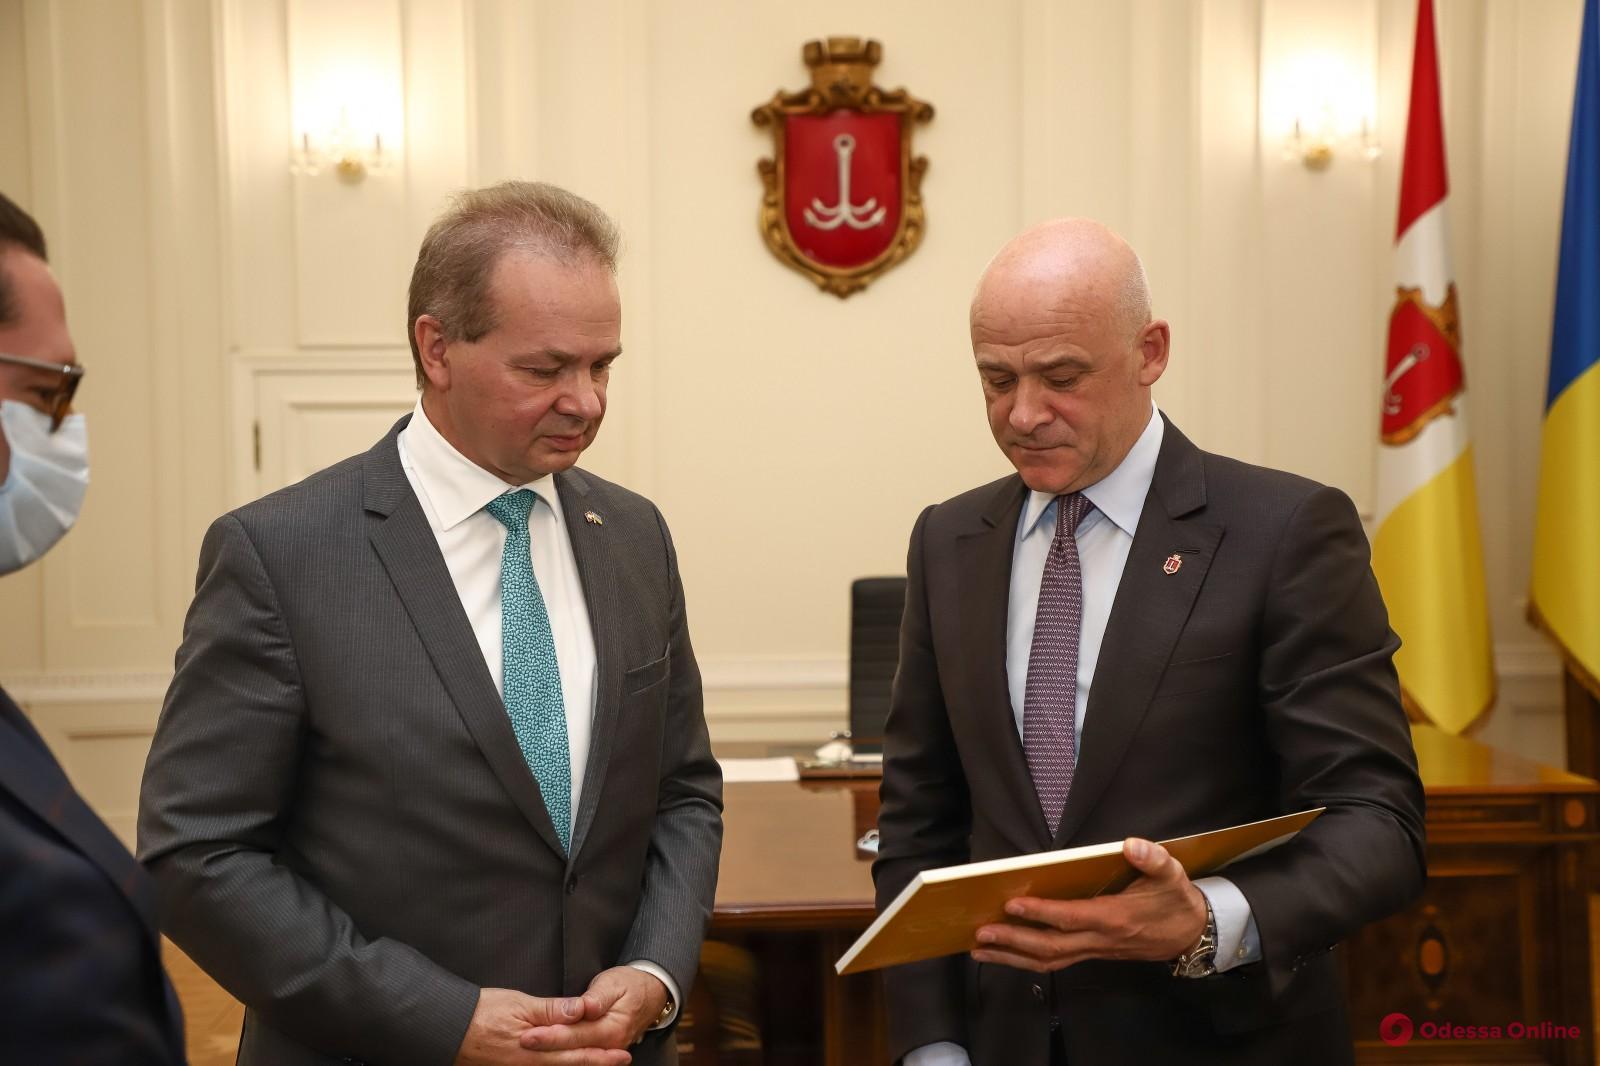 Мэр Одессы встретился с послом Швейцарии